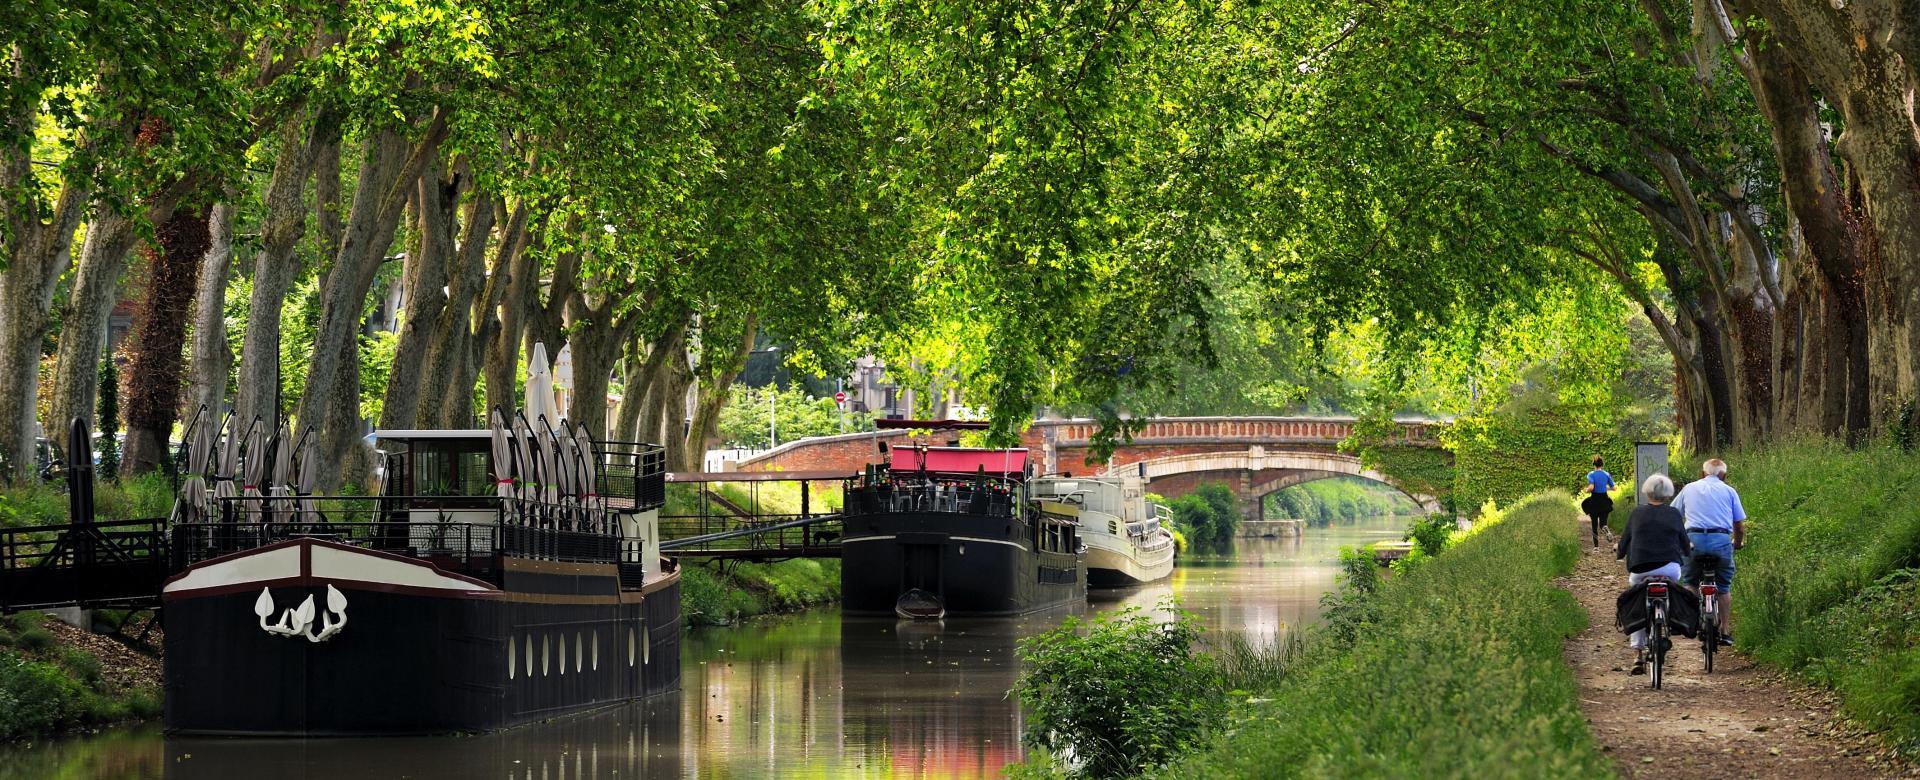 Voyage en véhicule : Week-end vélo électrique le long du canal du midi